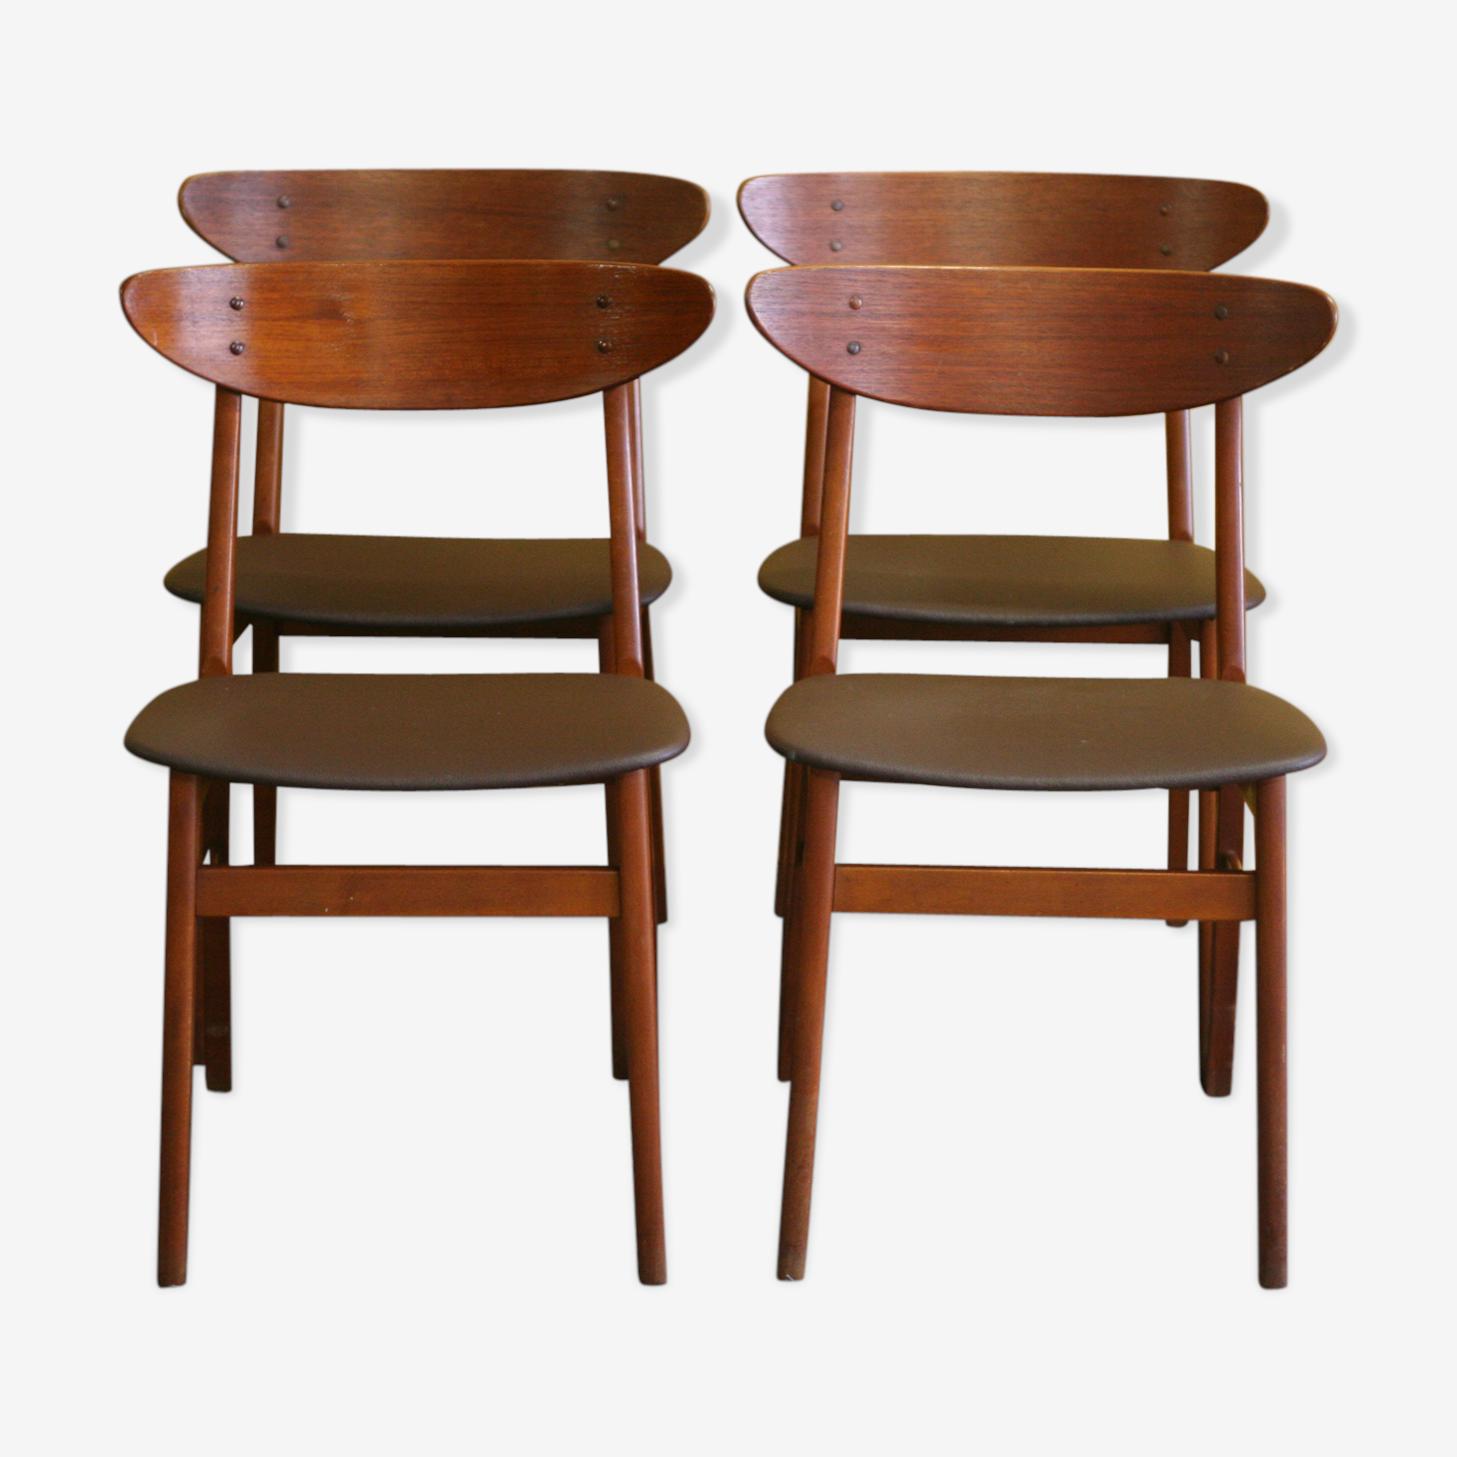 Suite de 4 chaises danoise Farstrup 1960-1965